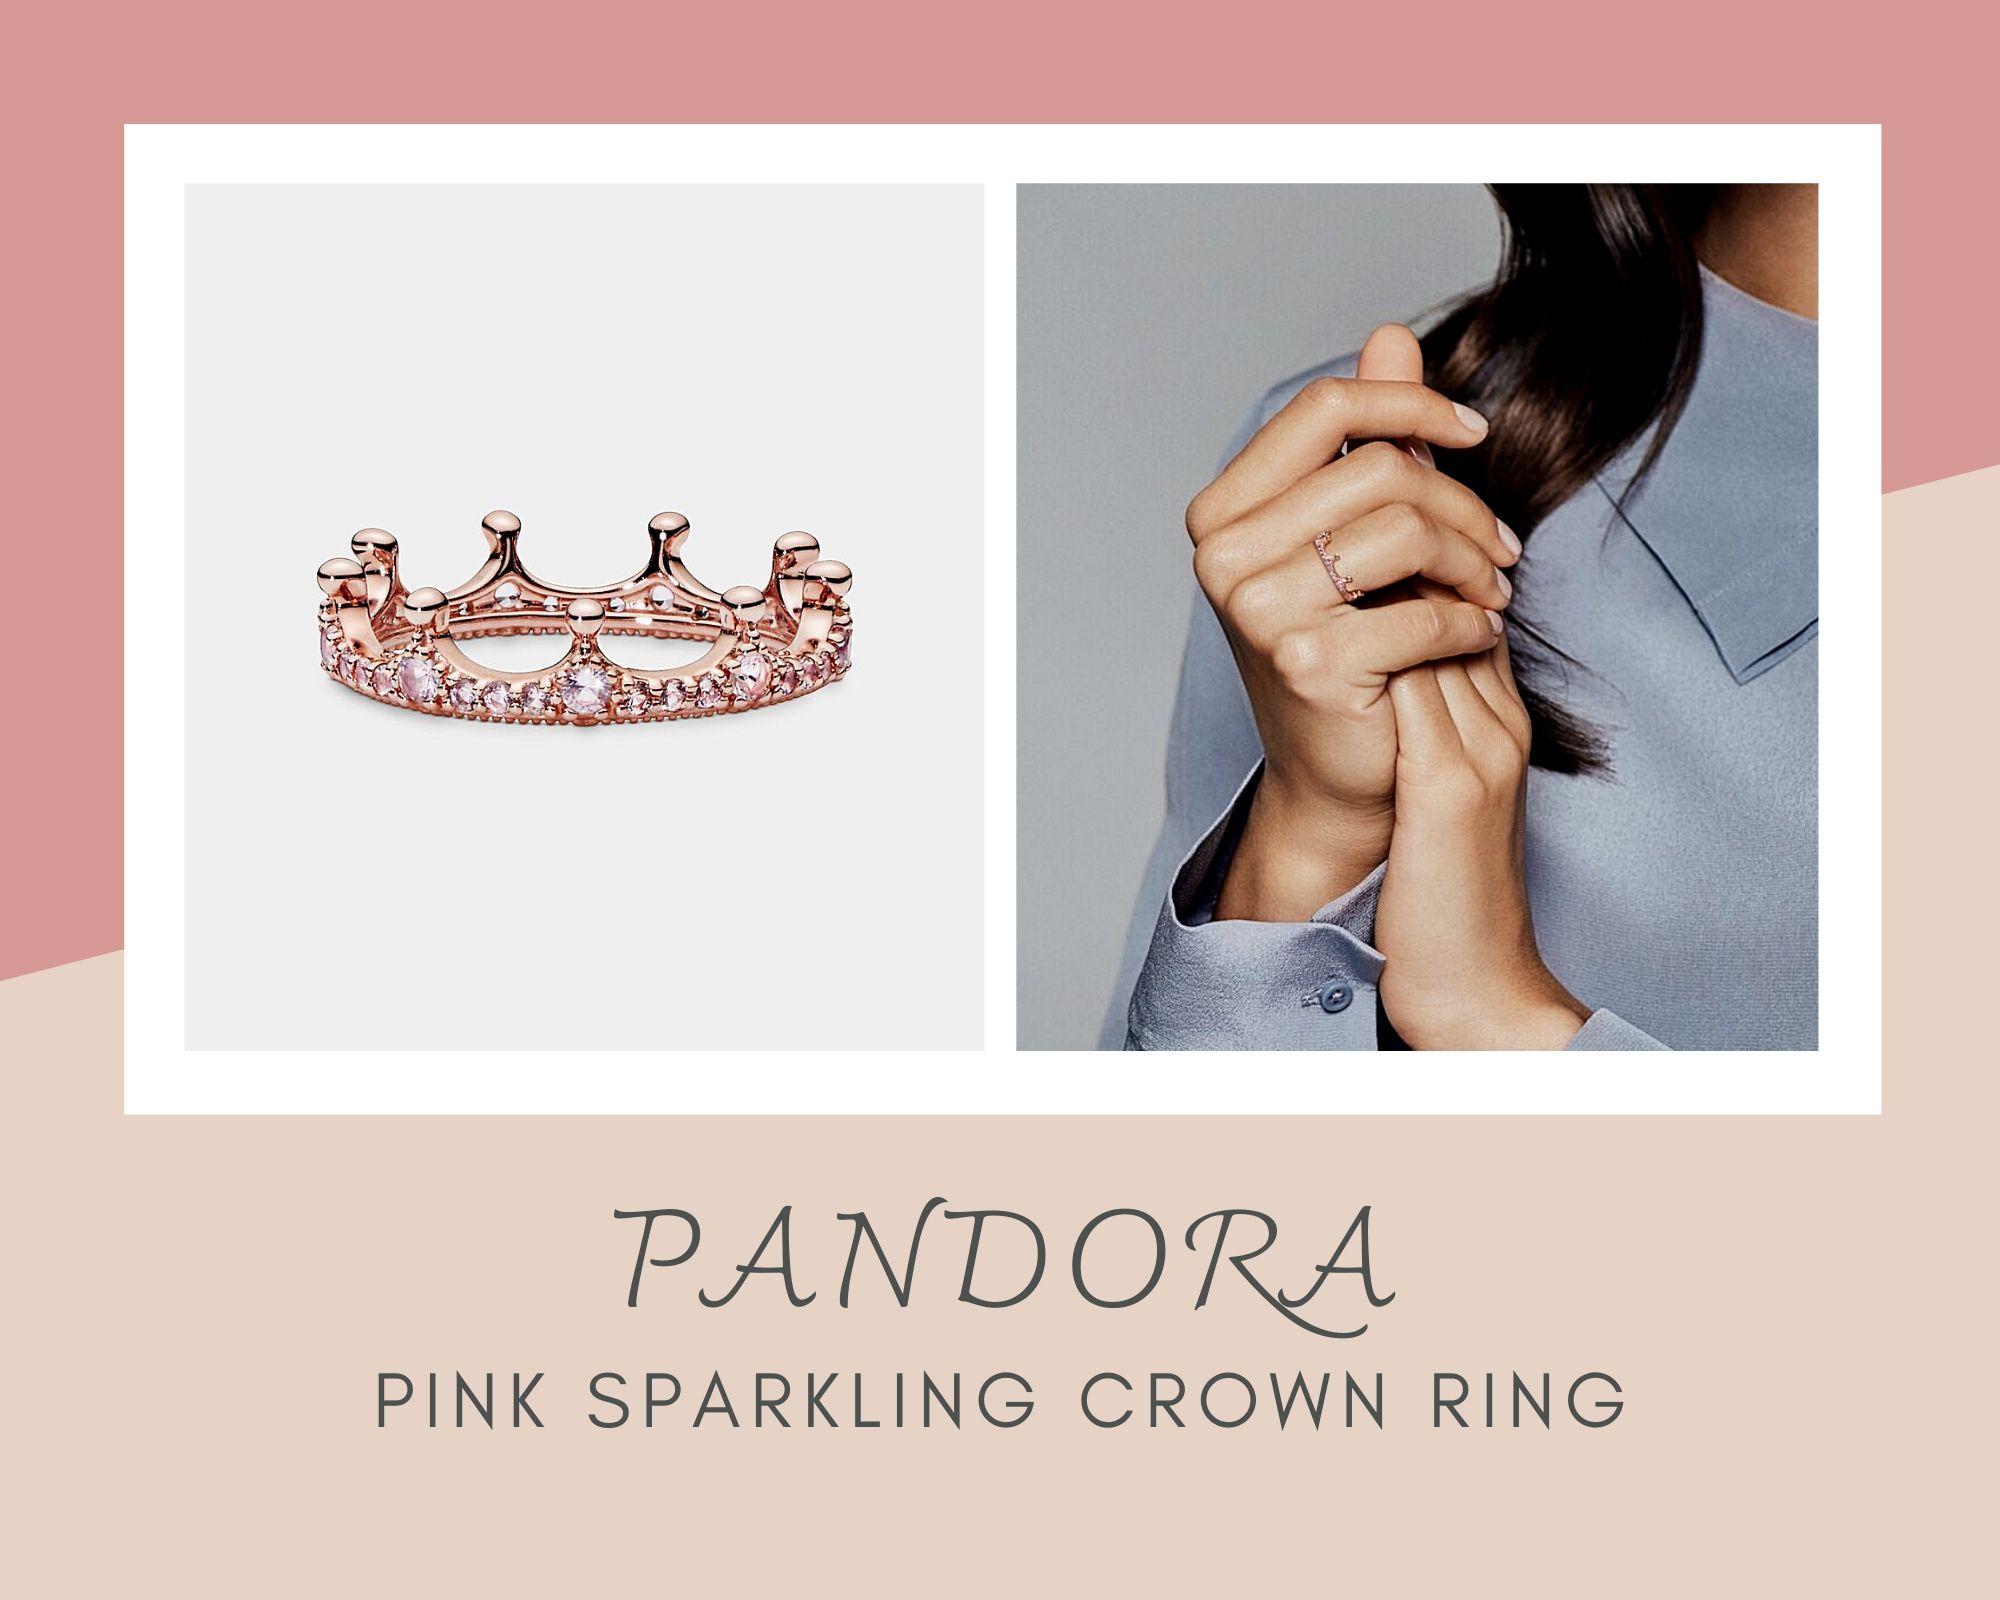 Pandora潘多拉粉红皇冠公主戒指